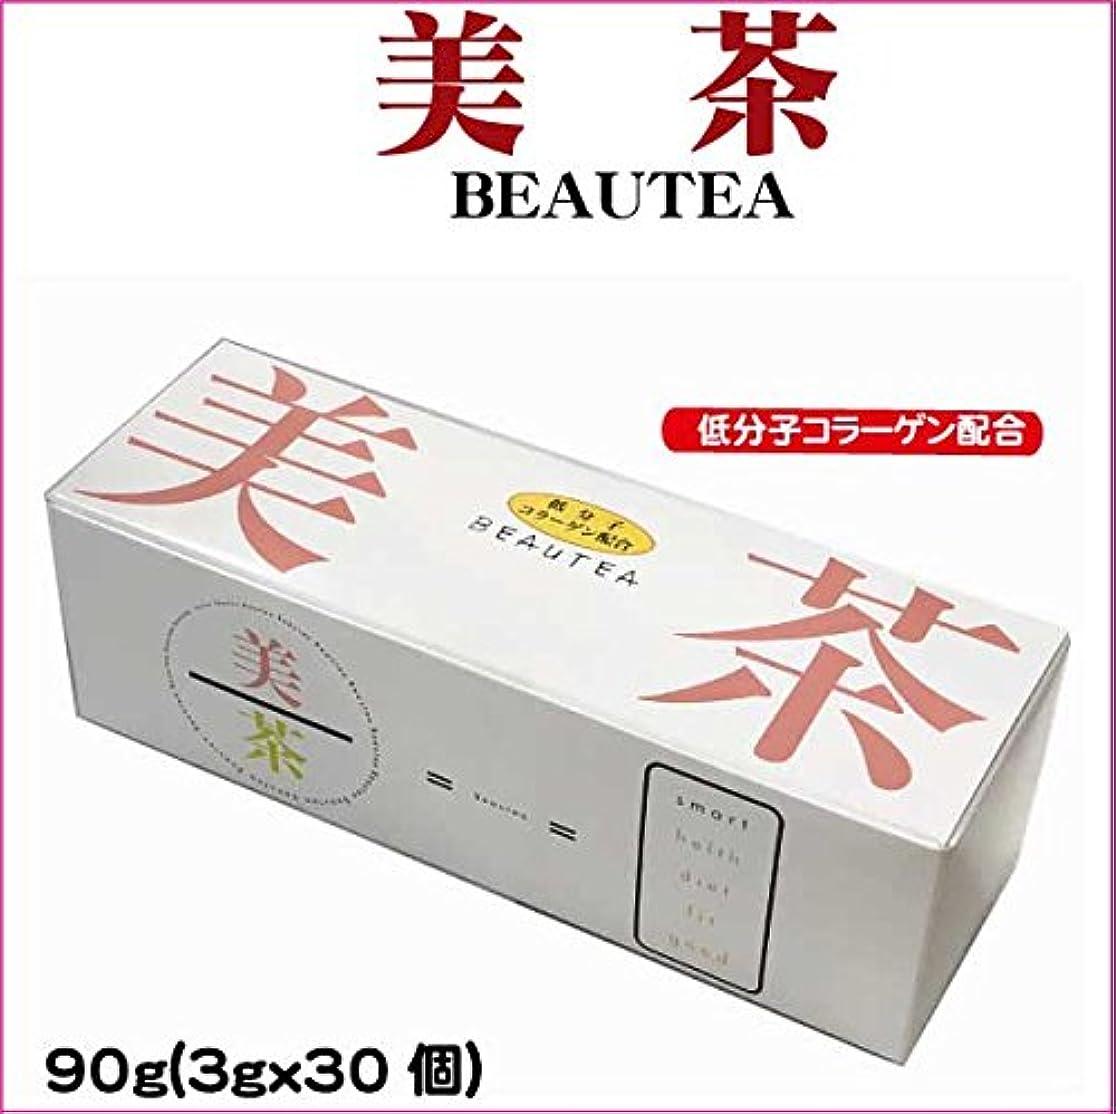 ほんの控える考古学者ダイエット茶  美茶(beautea)  ほうじ茶ベース?3gX30包み 1箱